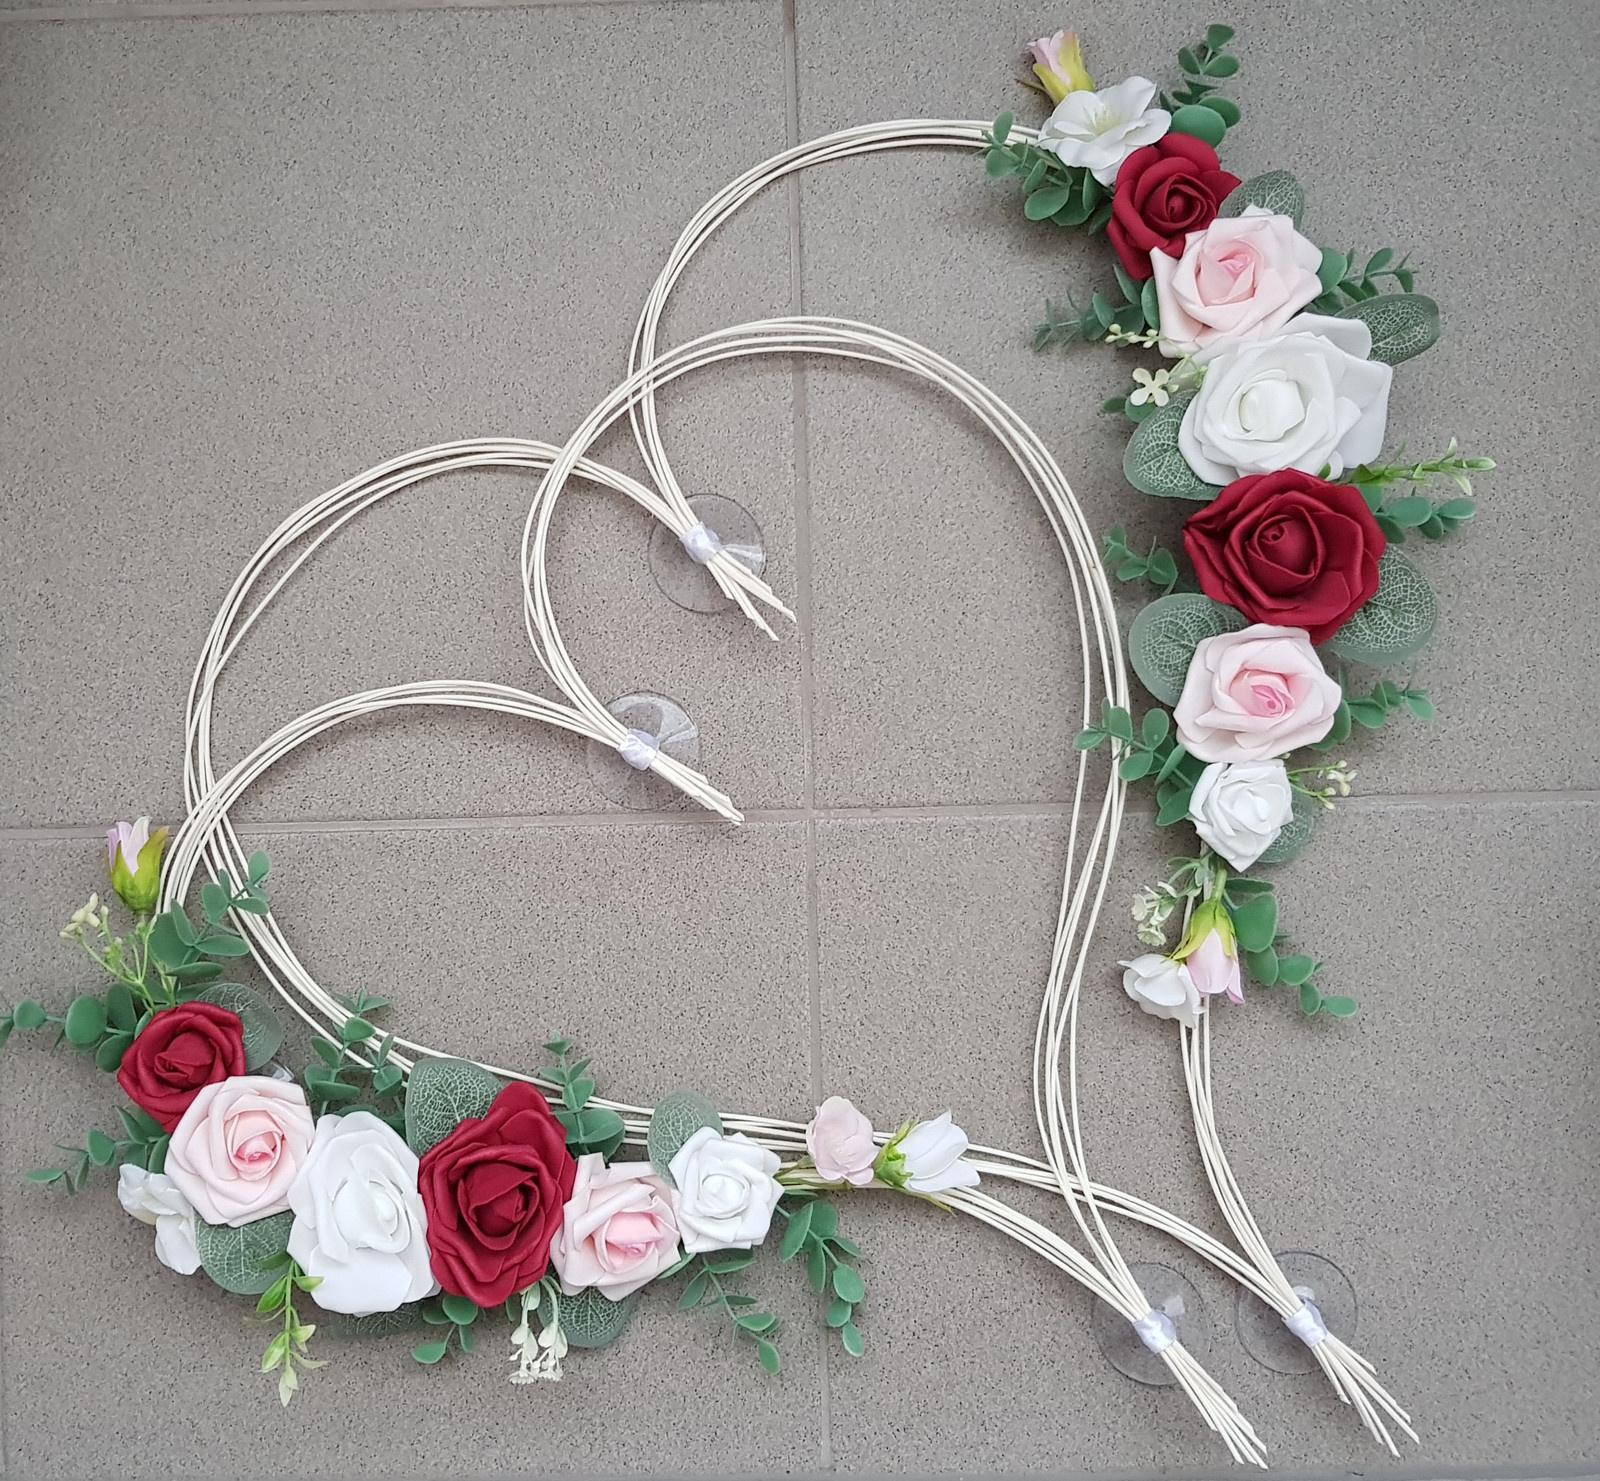 Srdce na kapotu bílá, vínová a růžová - Obrázek č. 3